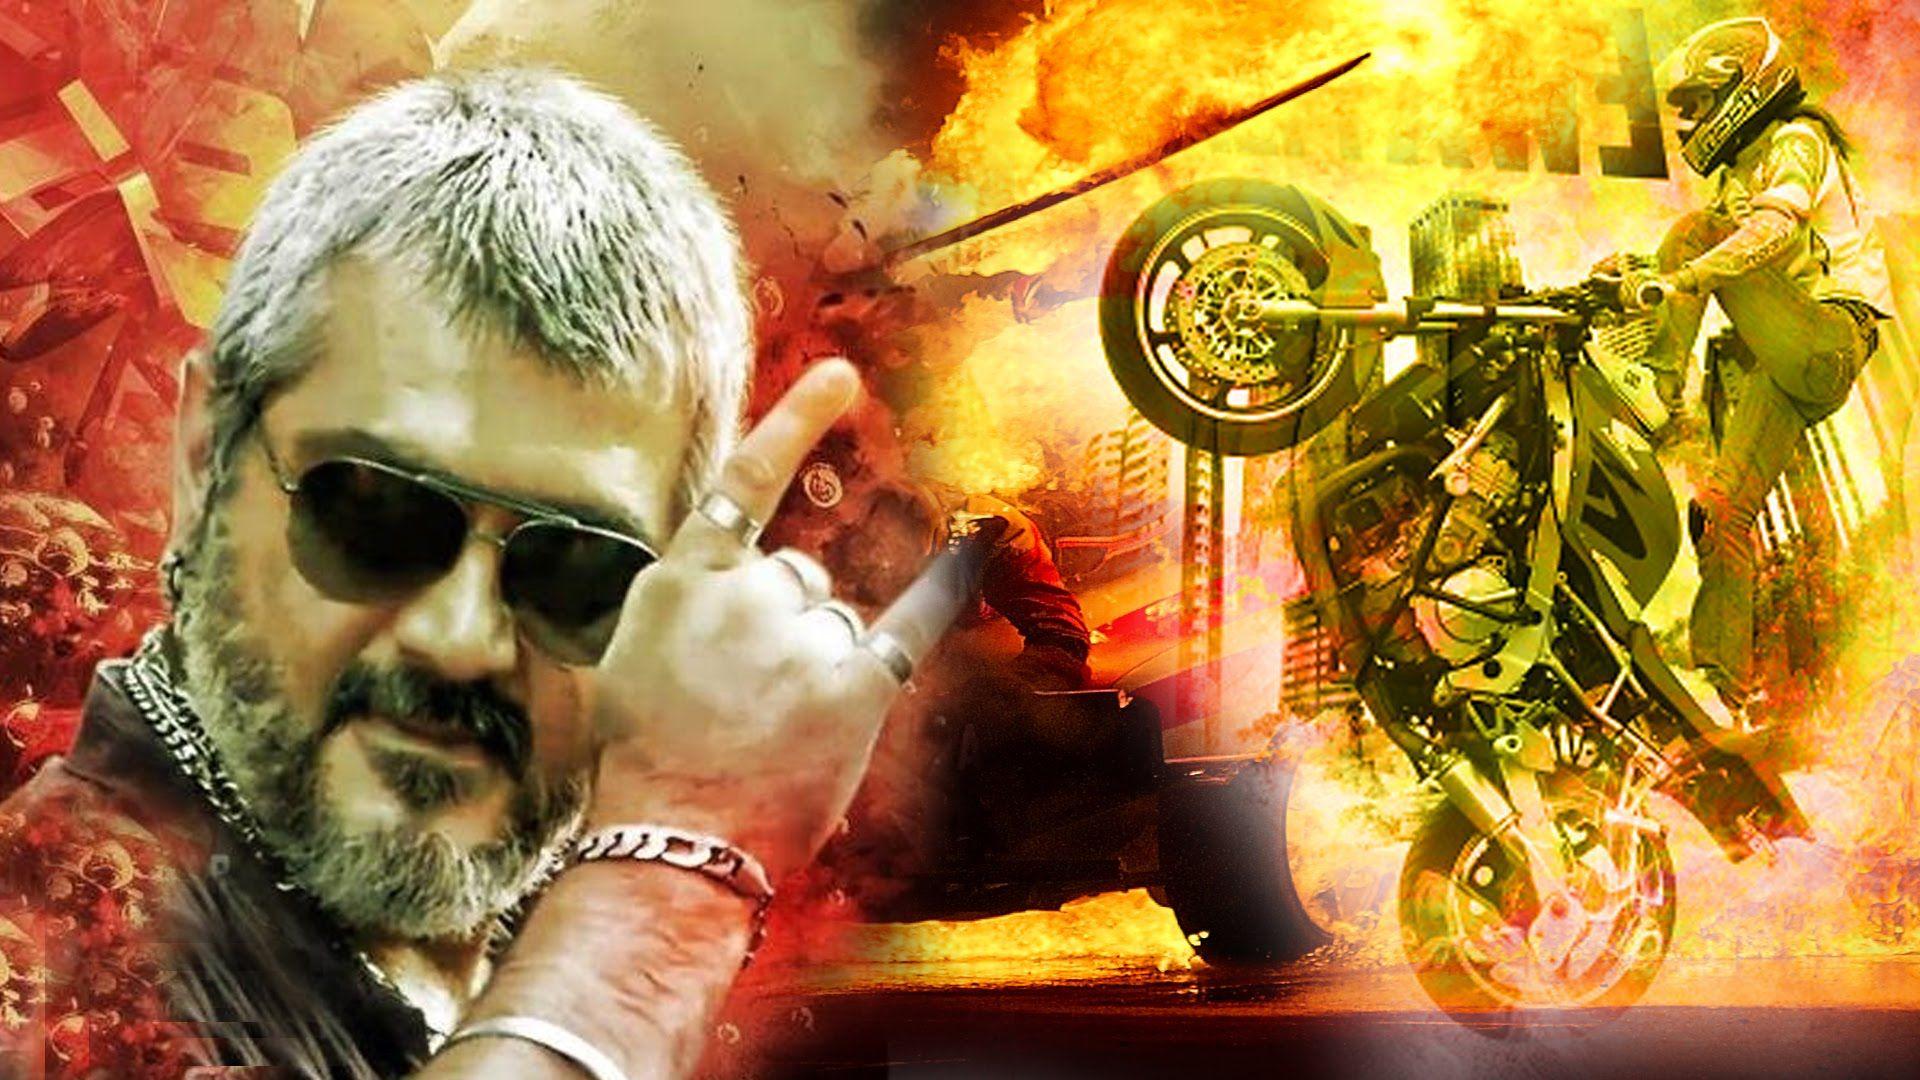 Ajith Kumar Full Action Movie New Tamil Movie 2016